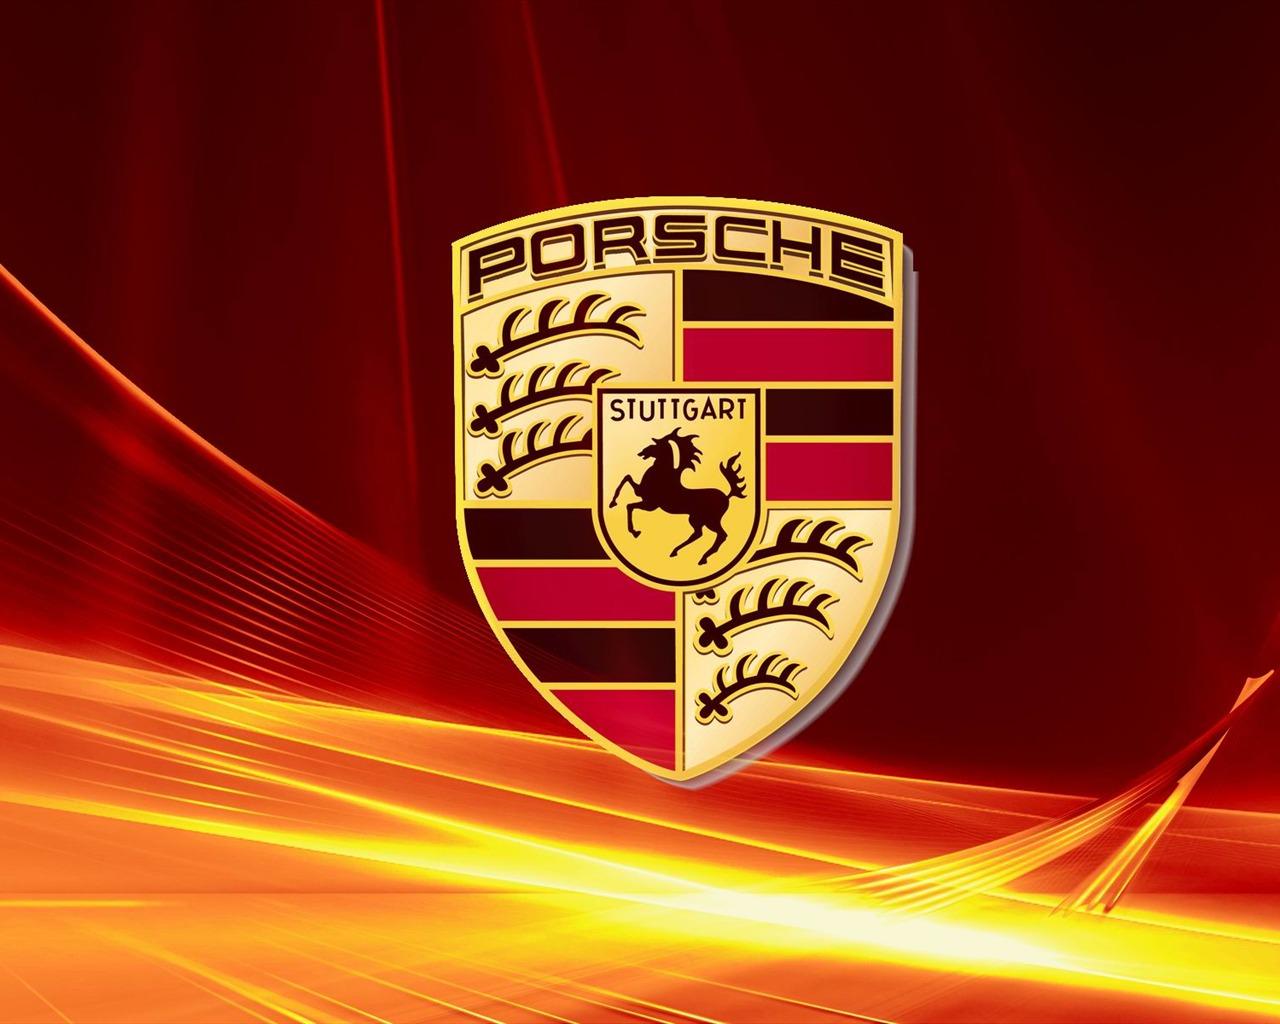 Porsche Logo Publicitaire De La Marque Fond D Ecran Apercu 10wallpaper Com